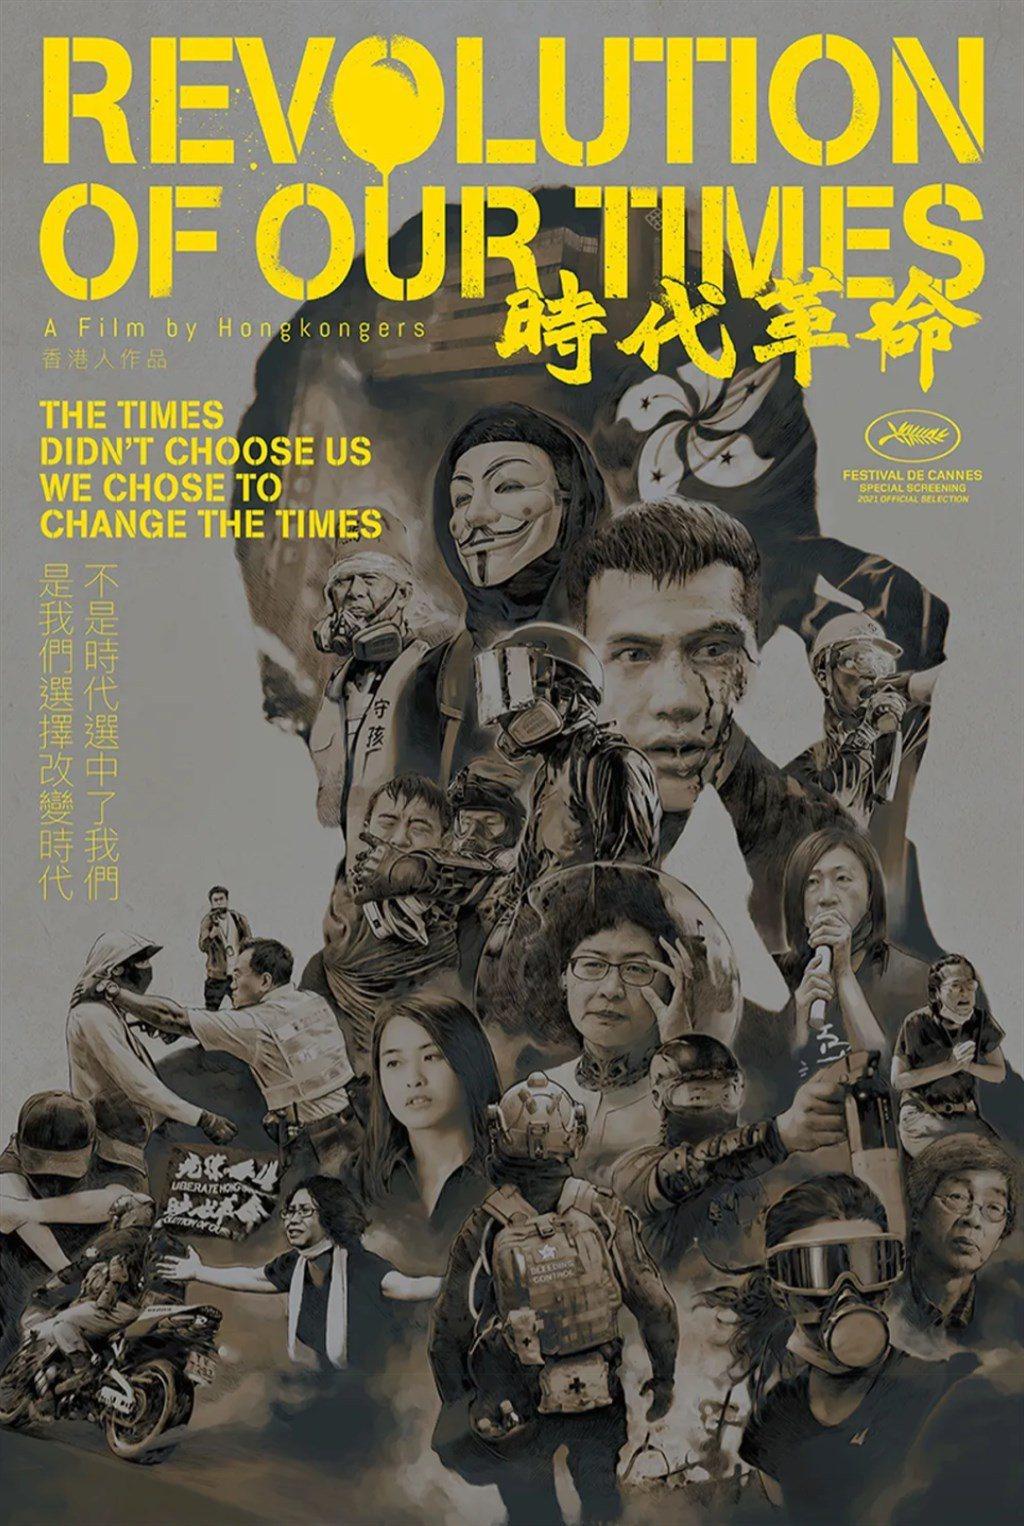 坎城影展宣布將播映反送中紀錄片「時代革命」。 圖/擷自坎城影展官網